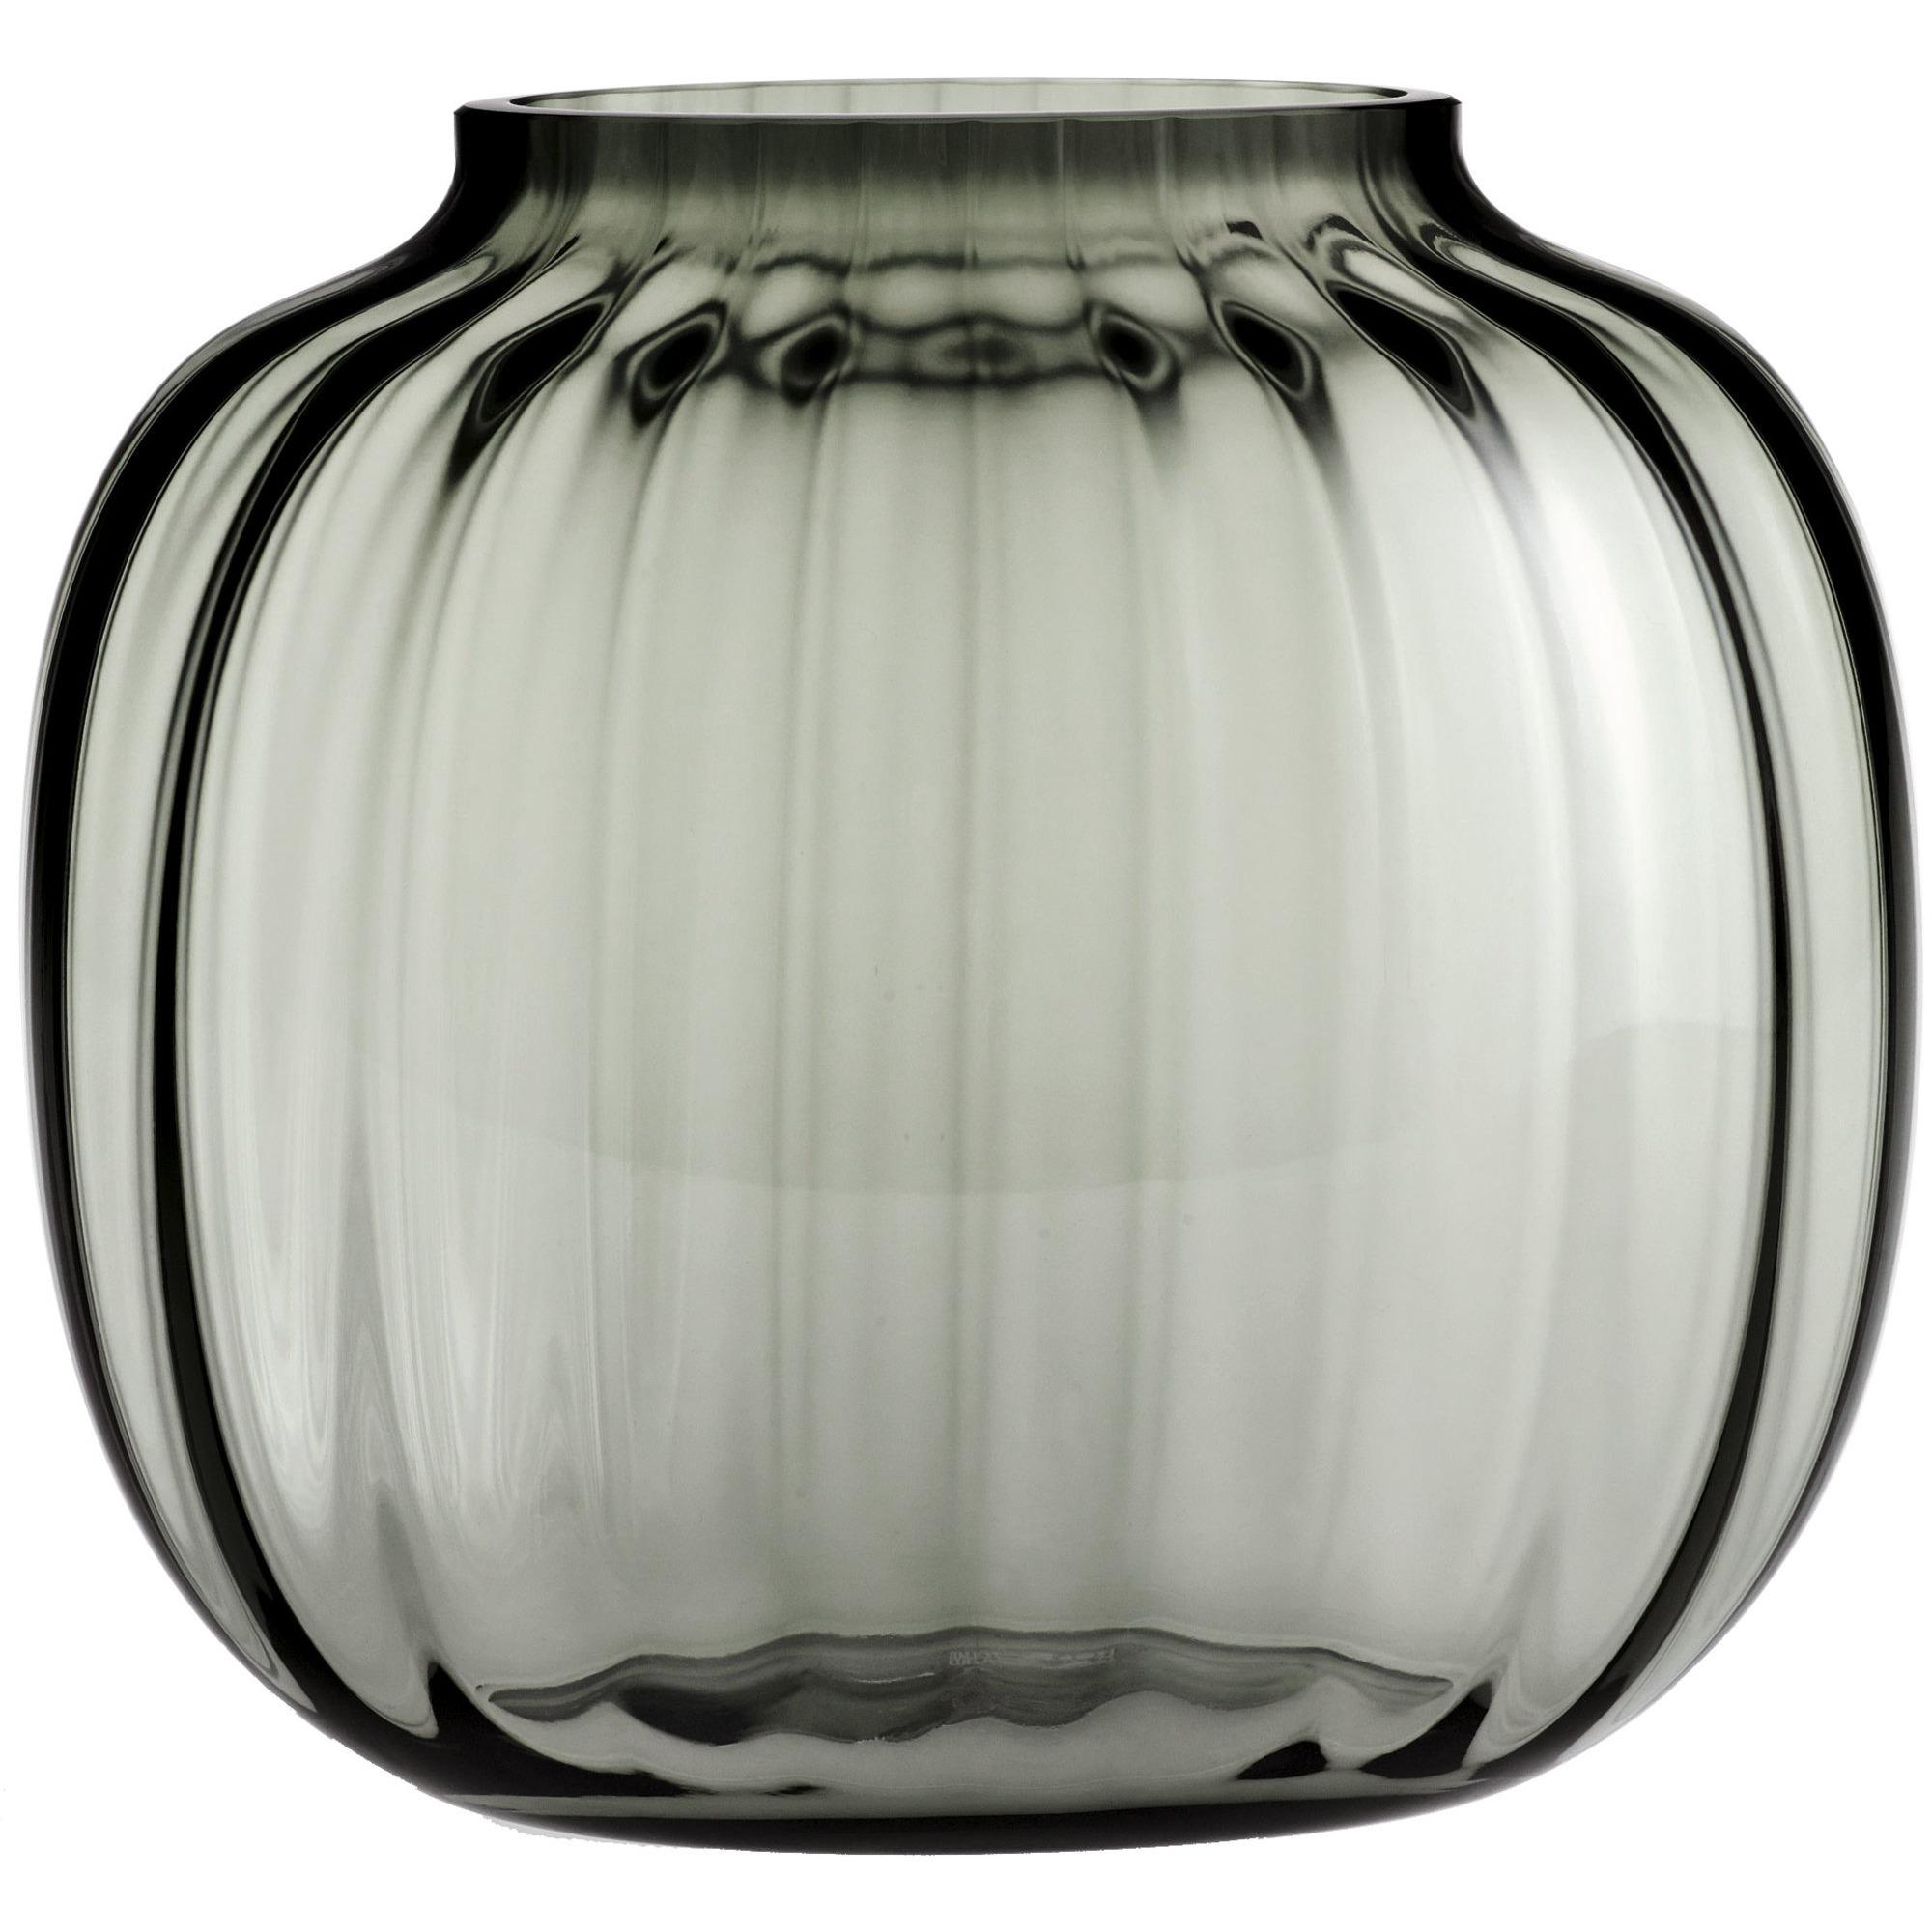 Holmegaard Primula Oval Vas 175 cm Smoke